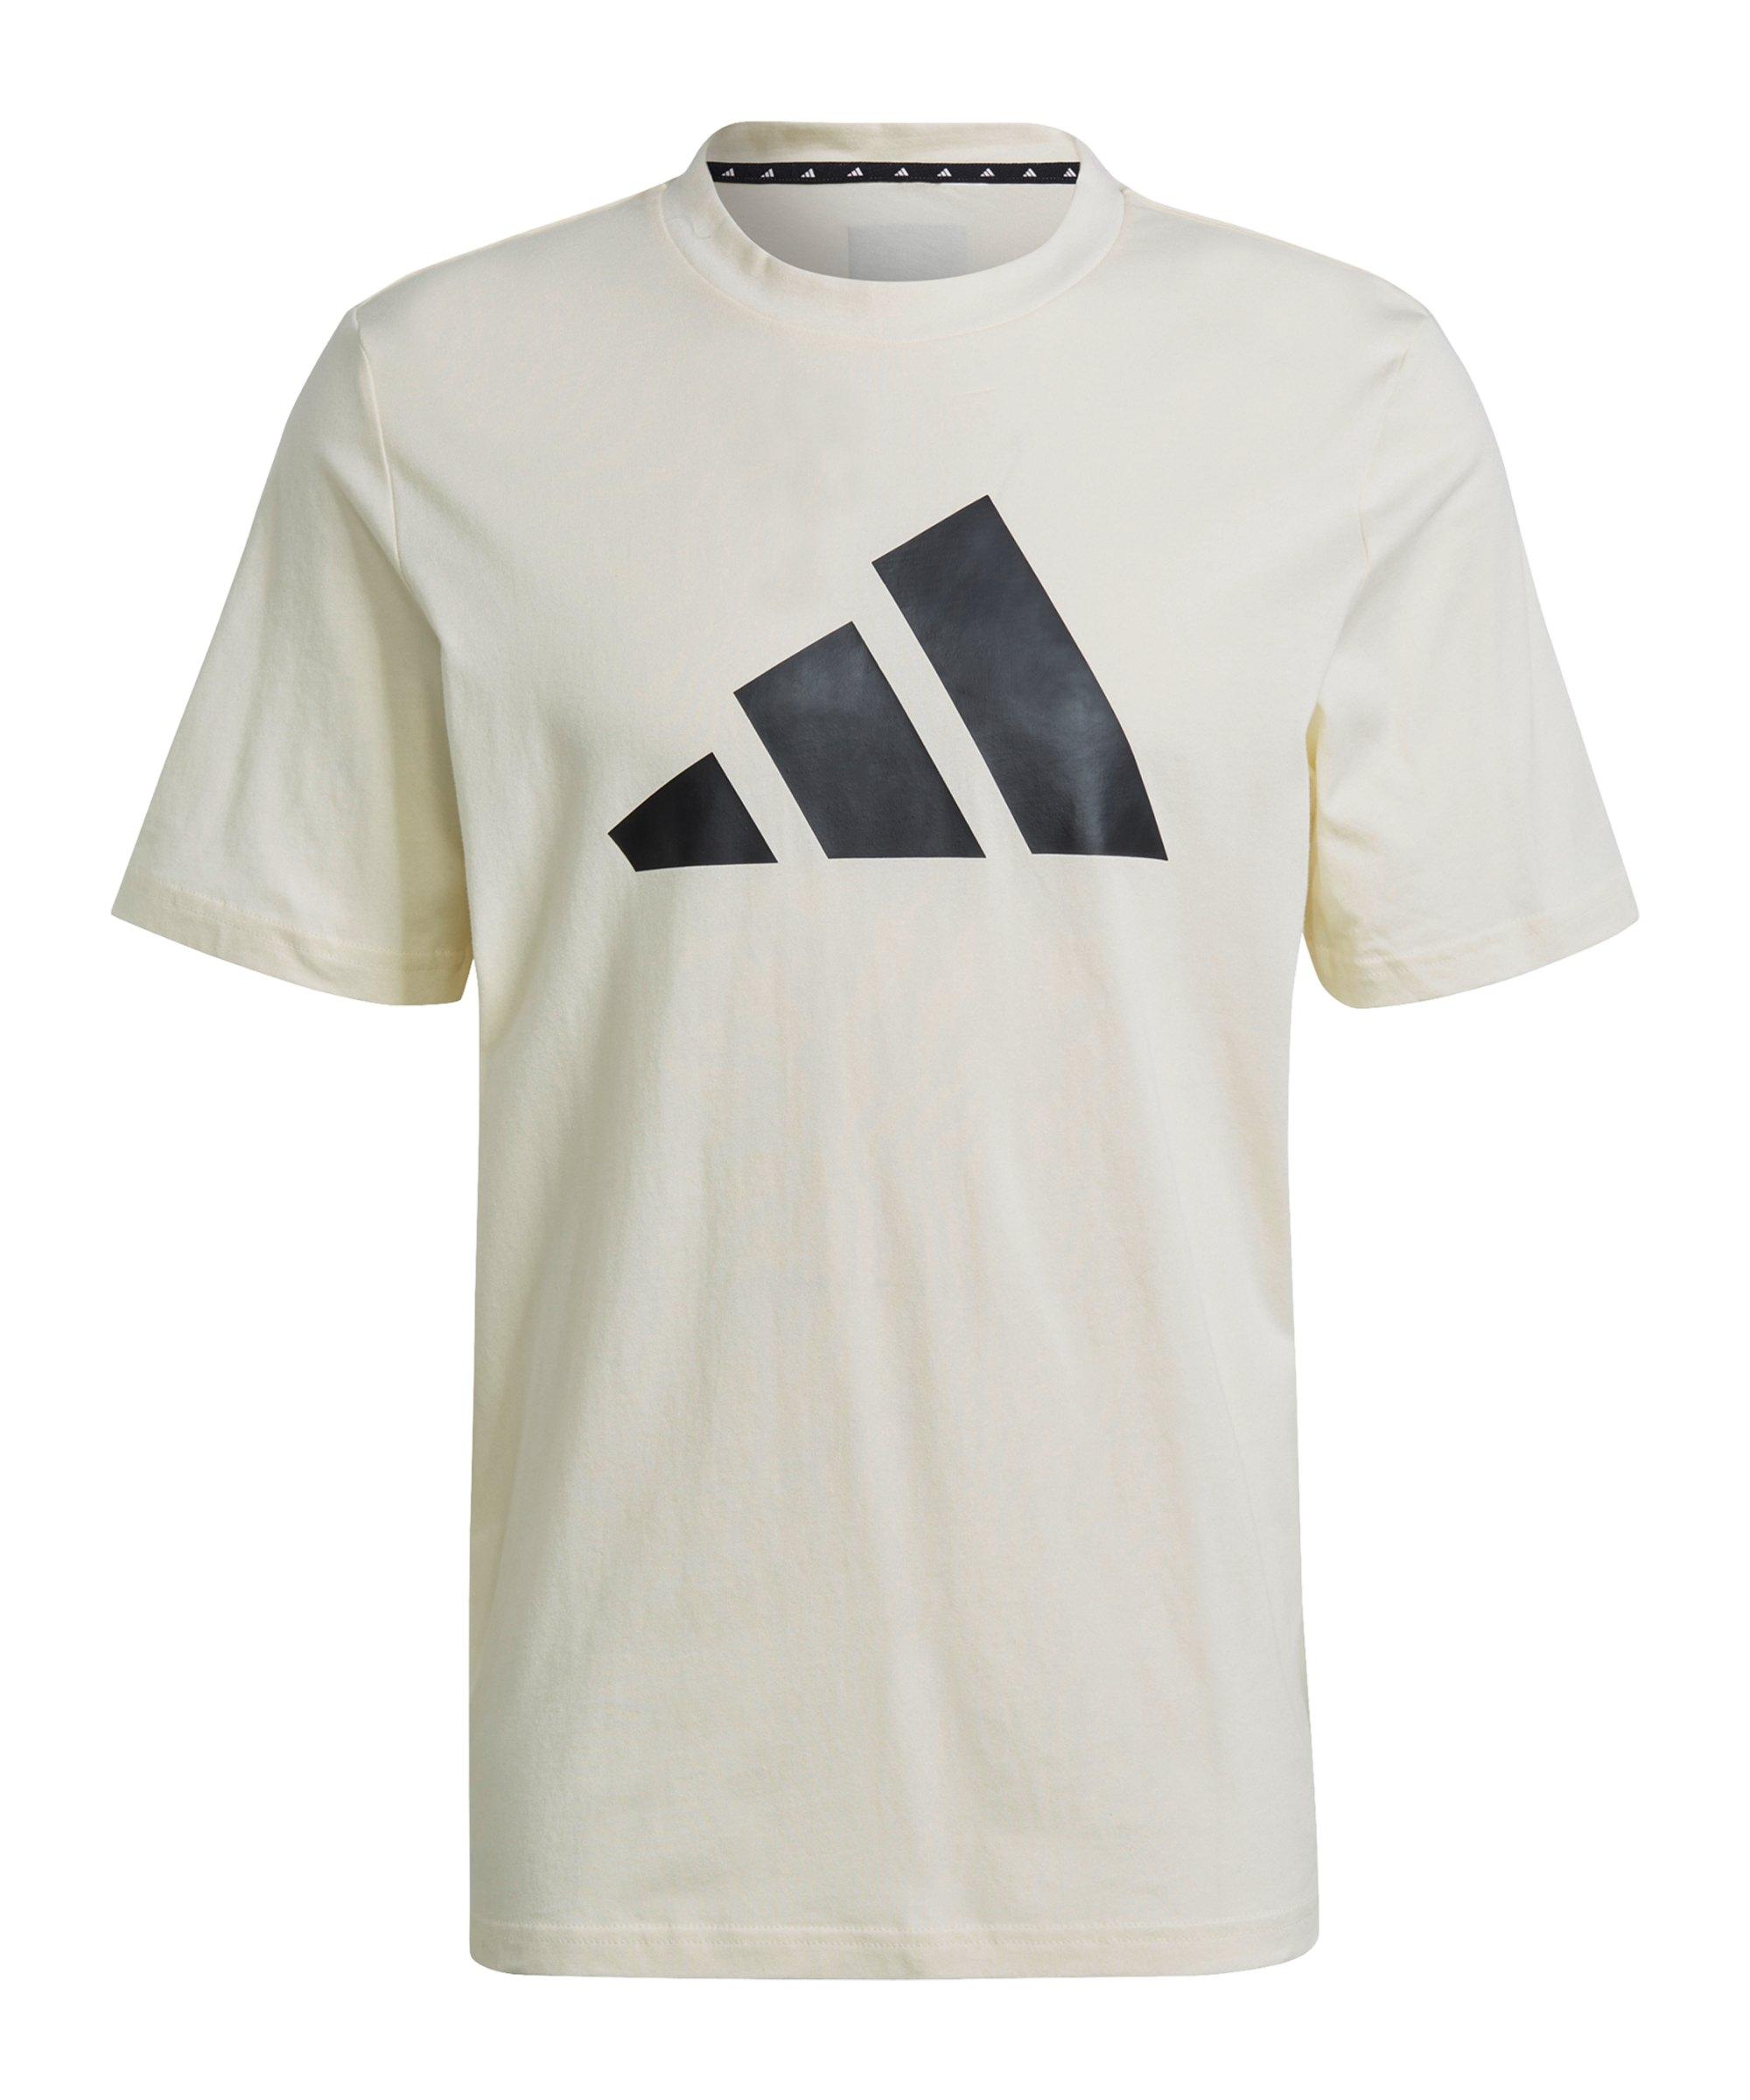 adidas BOS T-Shirt Weiss - weiss